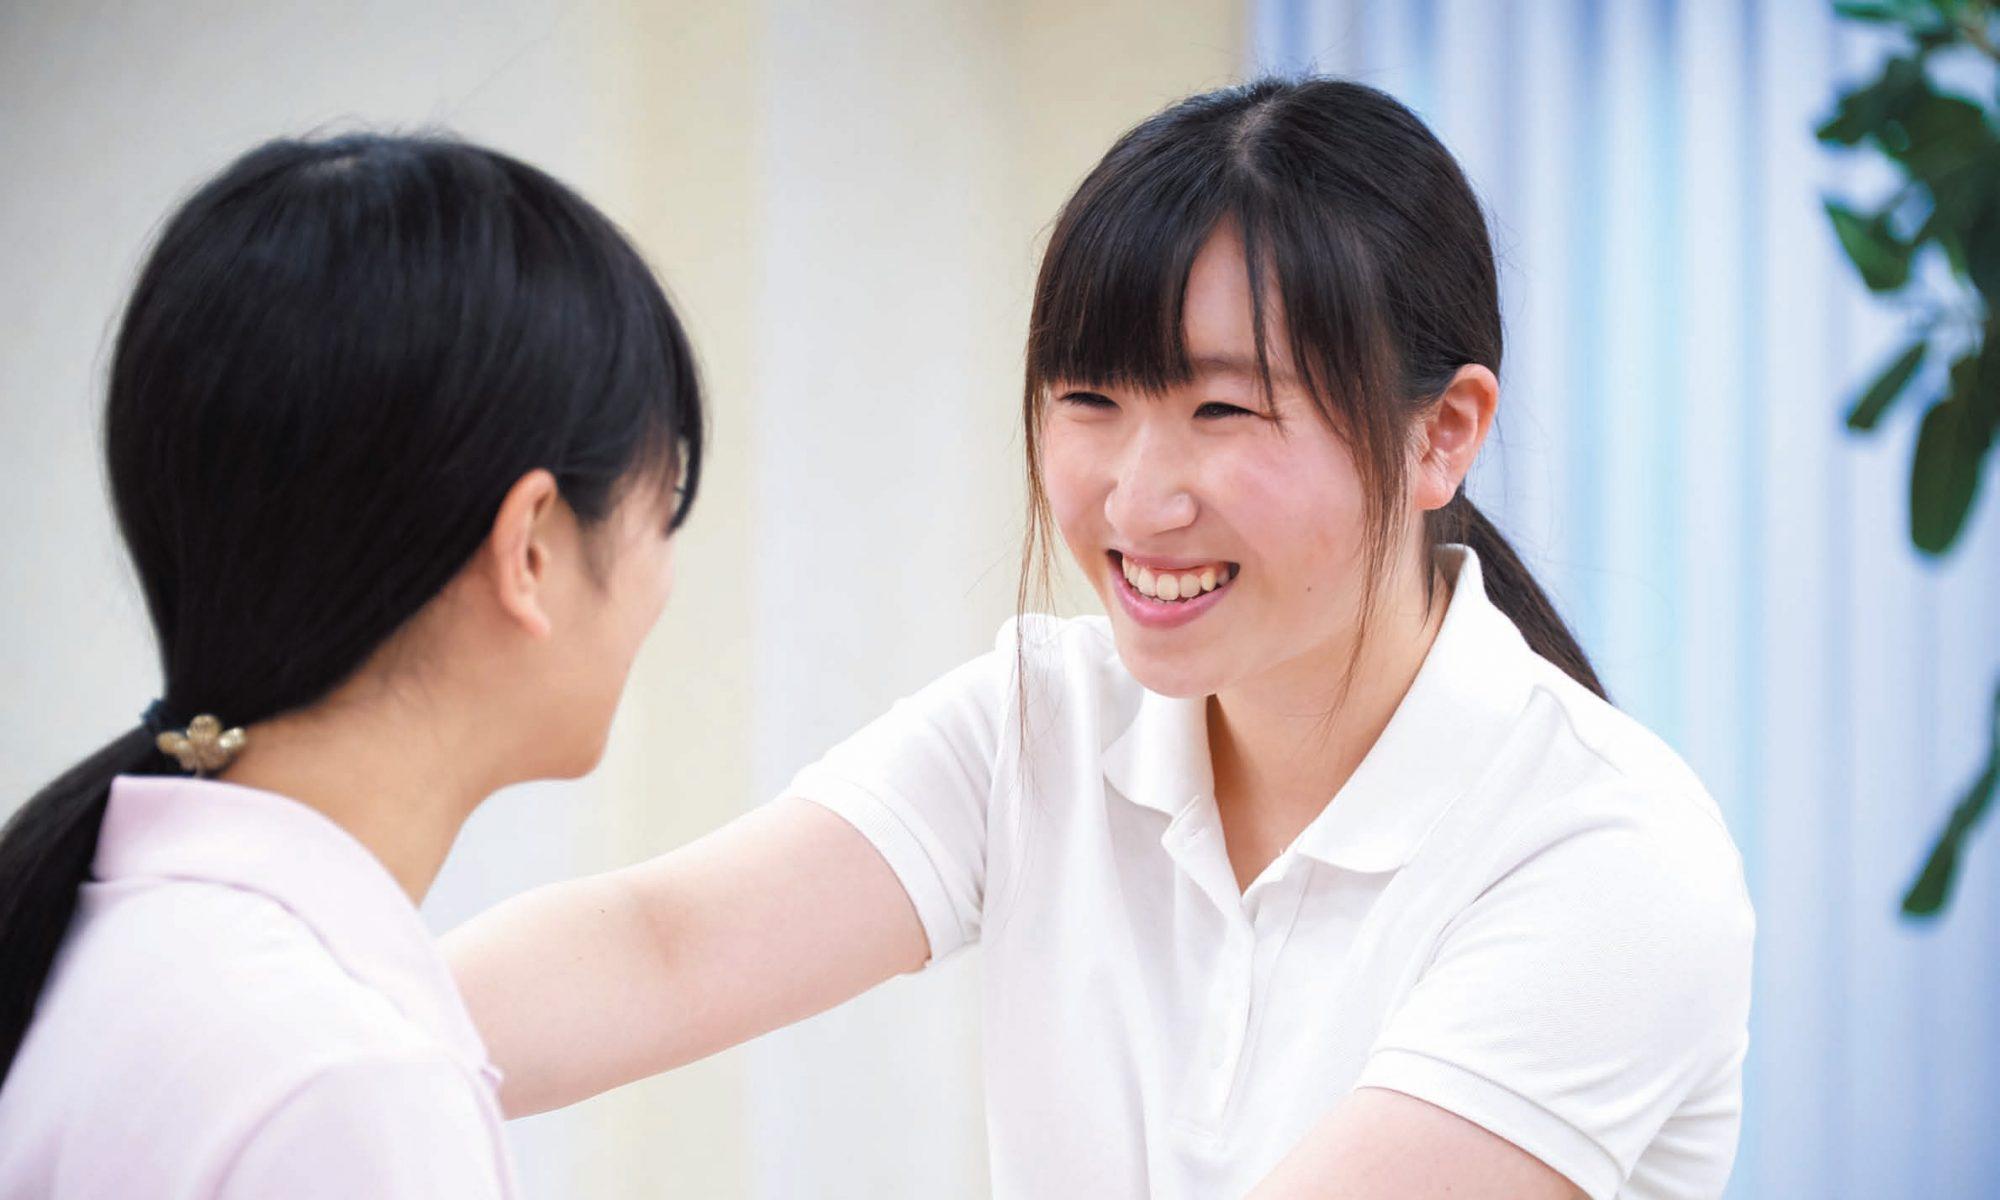 介護福祉学科ブログ:読売理工医療福祉専門学校